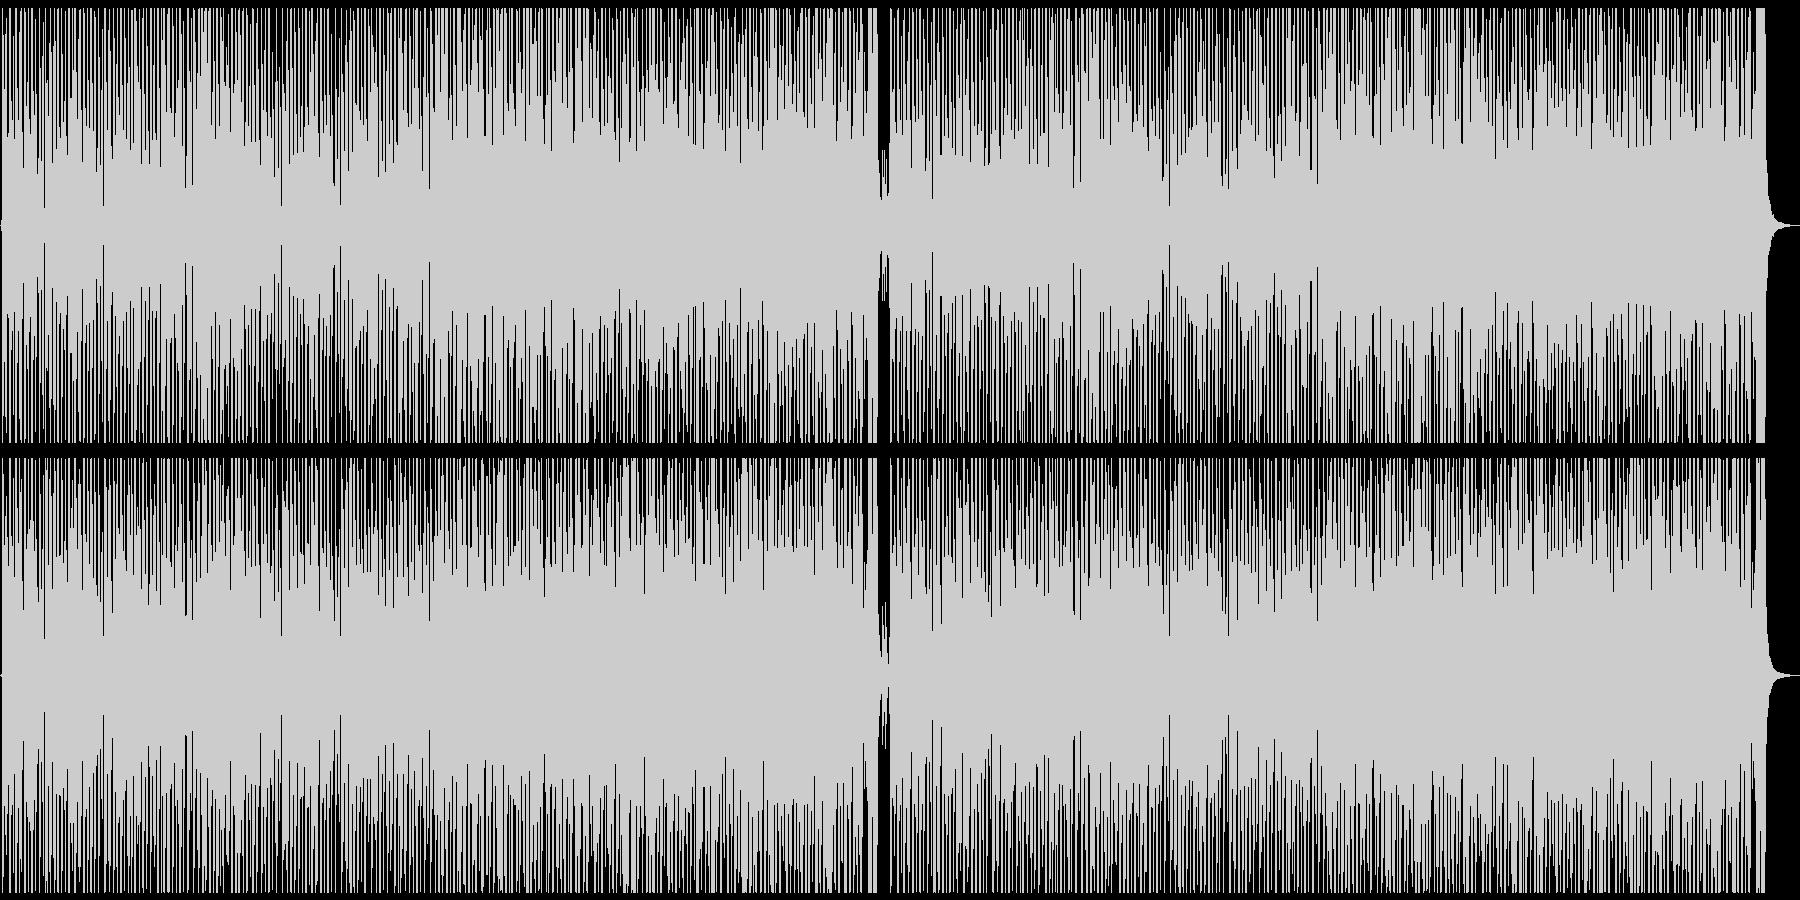 ハッピー&ポップな曲の未再生の波形